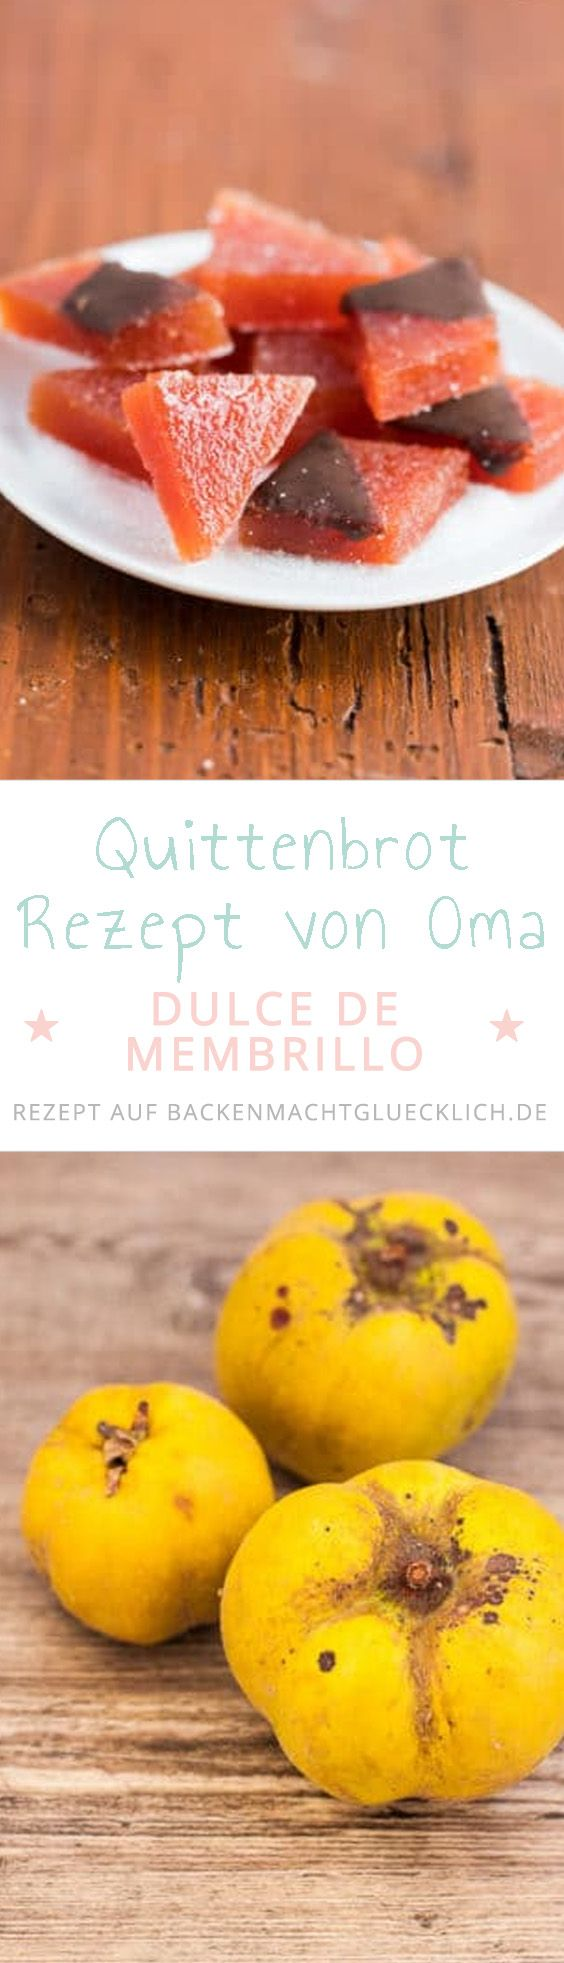 """Quittenbrot, im Original """"Dulce de membrillo"""", hat nichts mit Brot zu tun, sondern ist eher Quittenkonfekt. Das Quittenbrot braucht zwar etwas Zeit, ist aber einfach zu machen. Und lohnt sich!"""